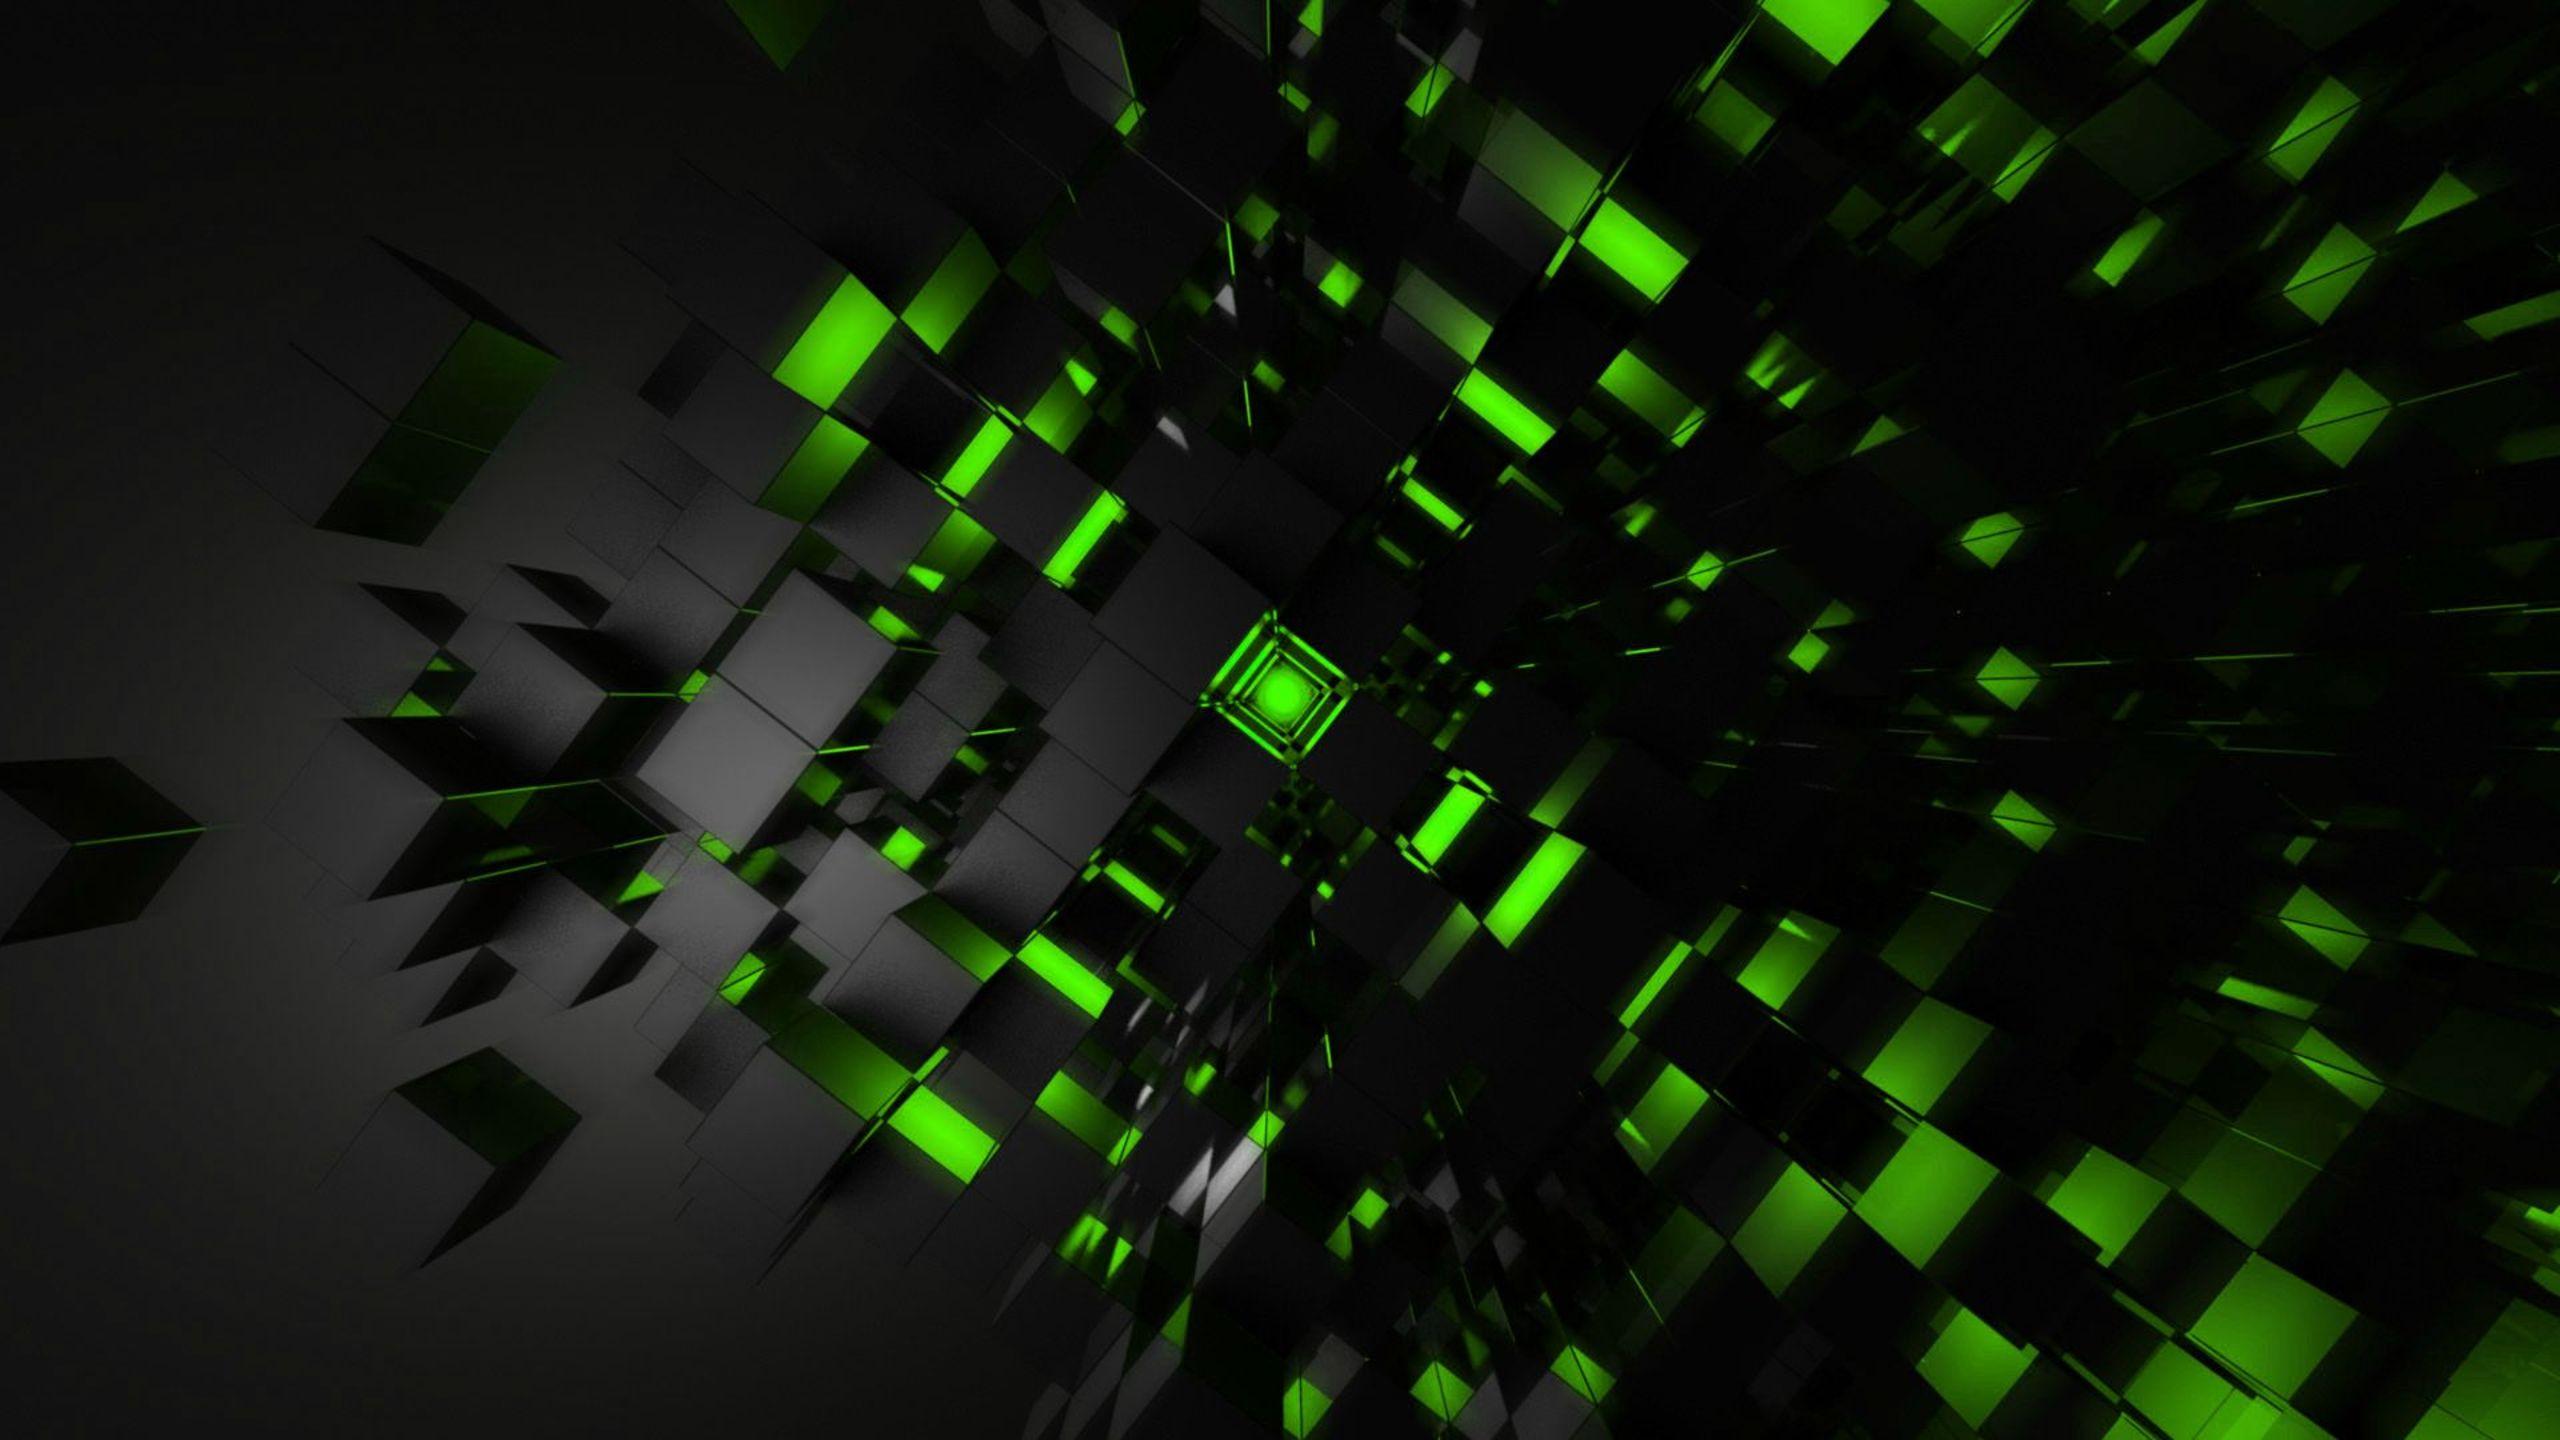 contentuploads201407green cubes 3d hd wallpaper 2560x1440 8525jpg 2560x1440